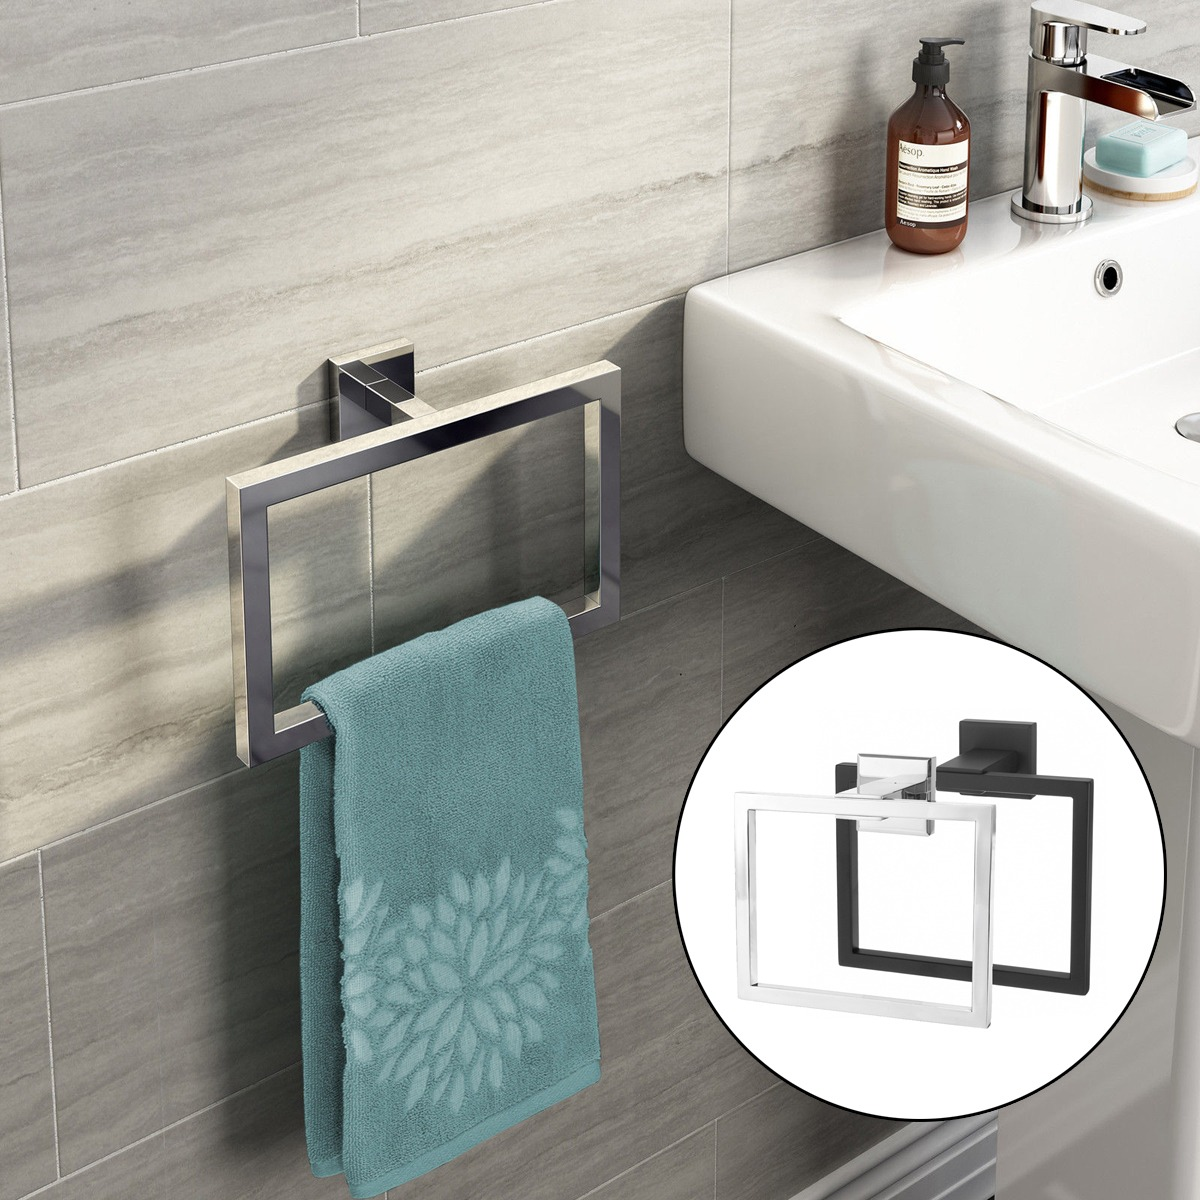 Chrome Modern Cuarto De Baño Accesorios De Pared Square Toal